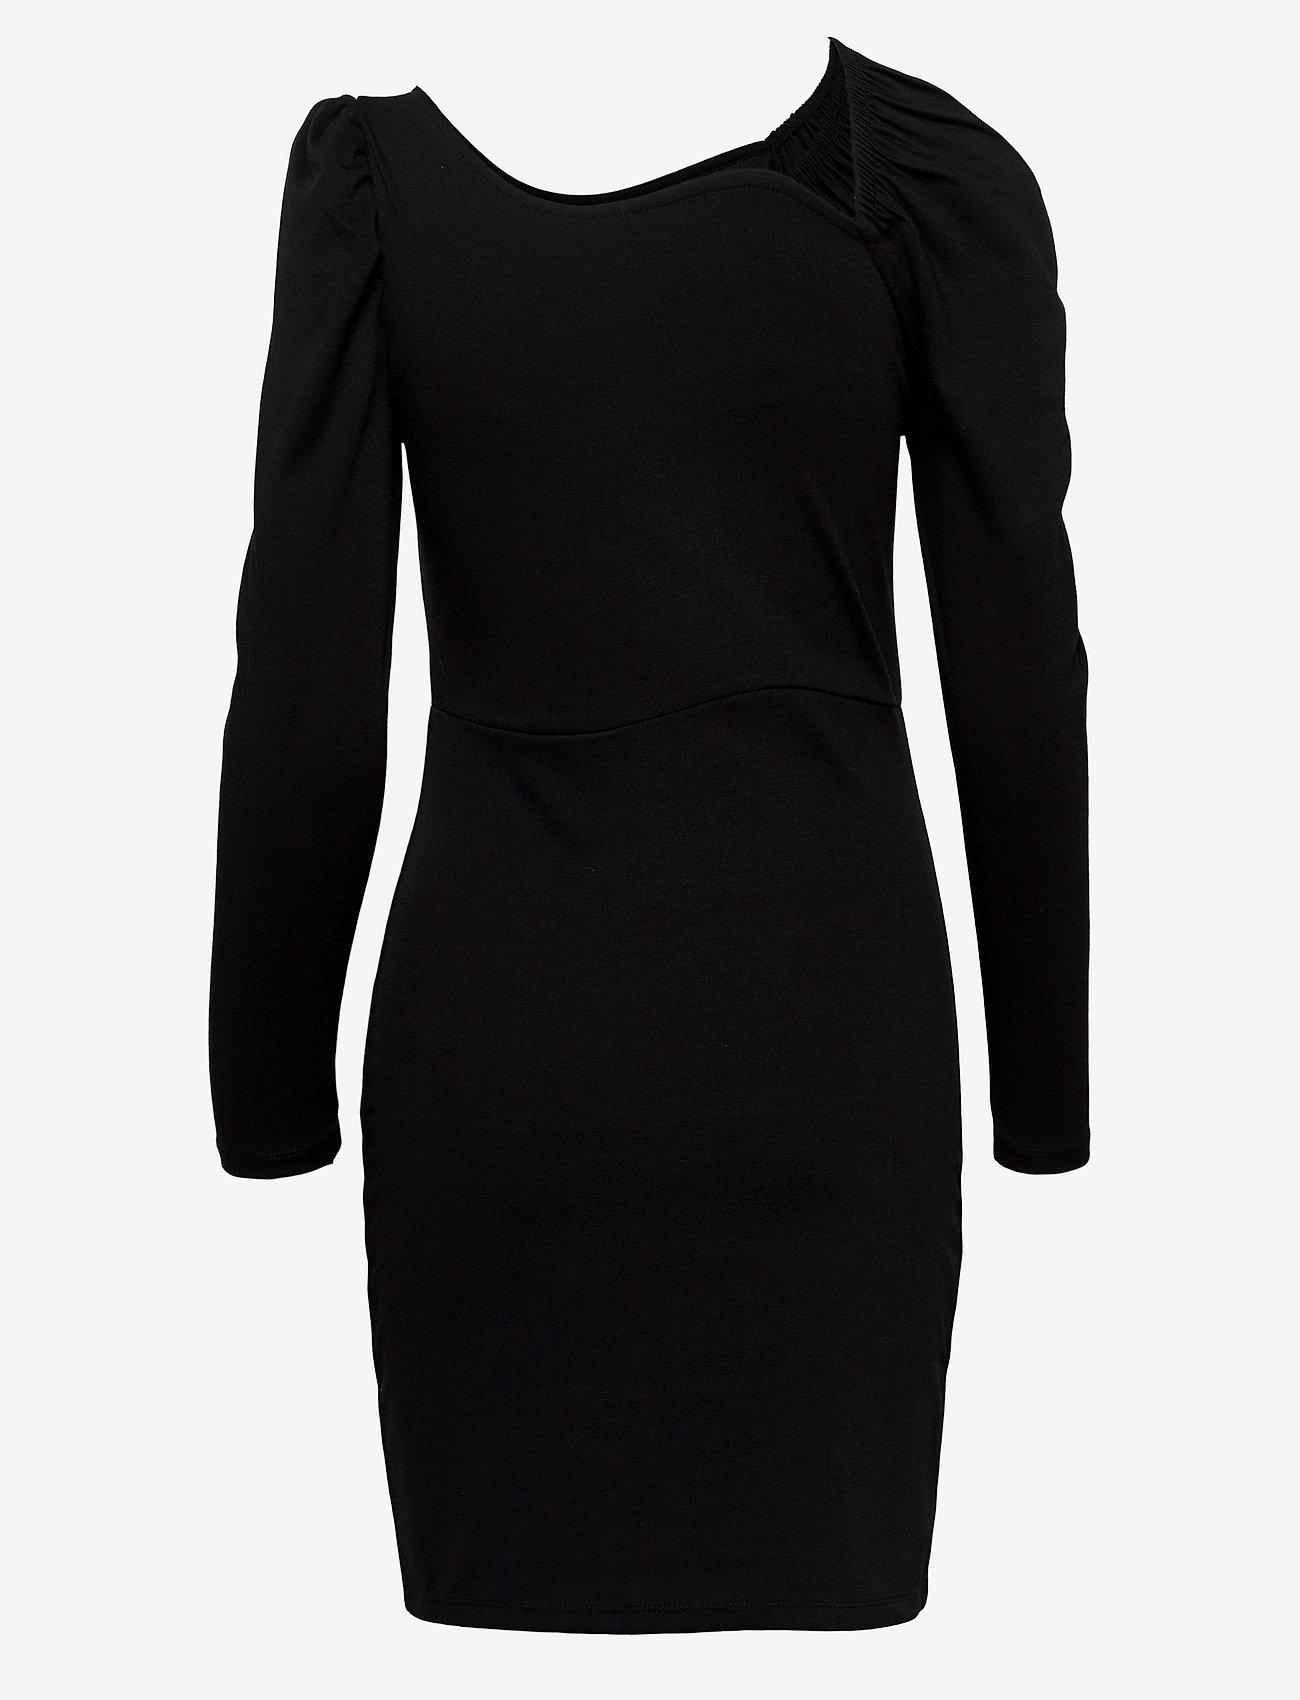 Vero Moda - VMJOSELYN LS SHORT DRESS SE LCS JRS - fodralklänningar - black - 1